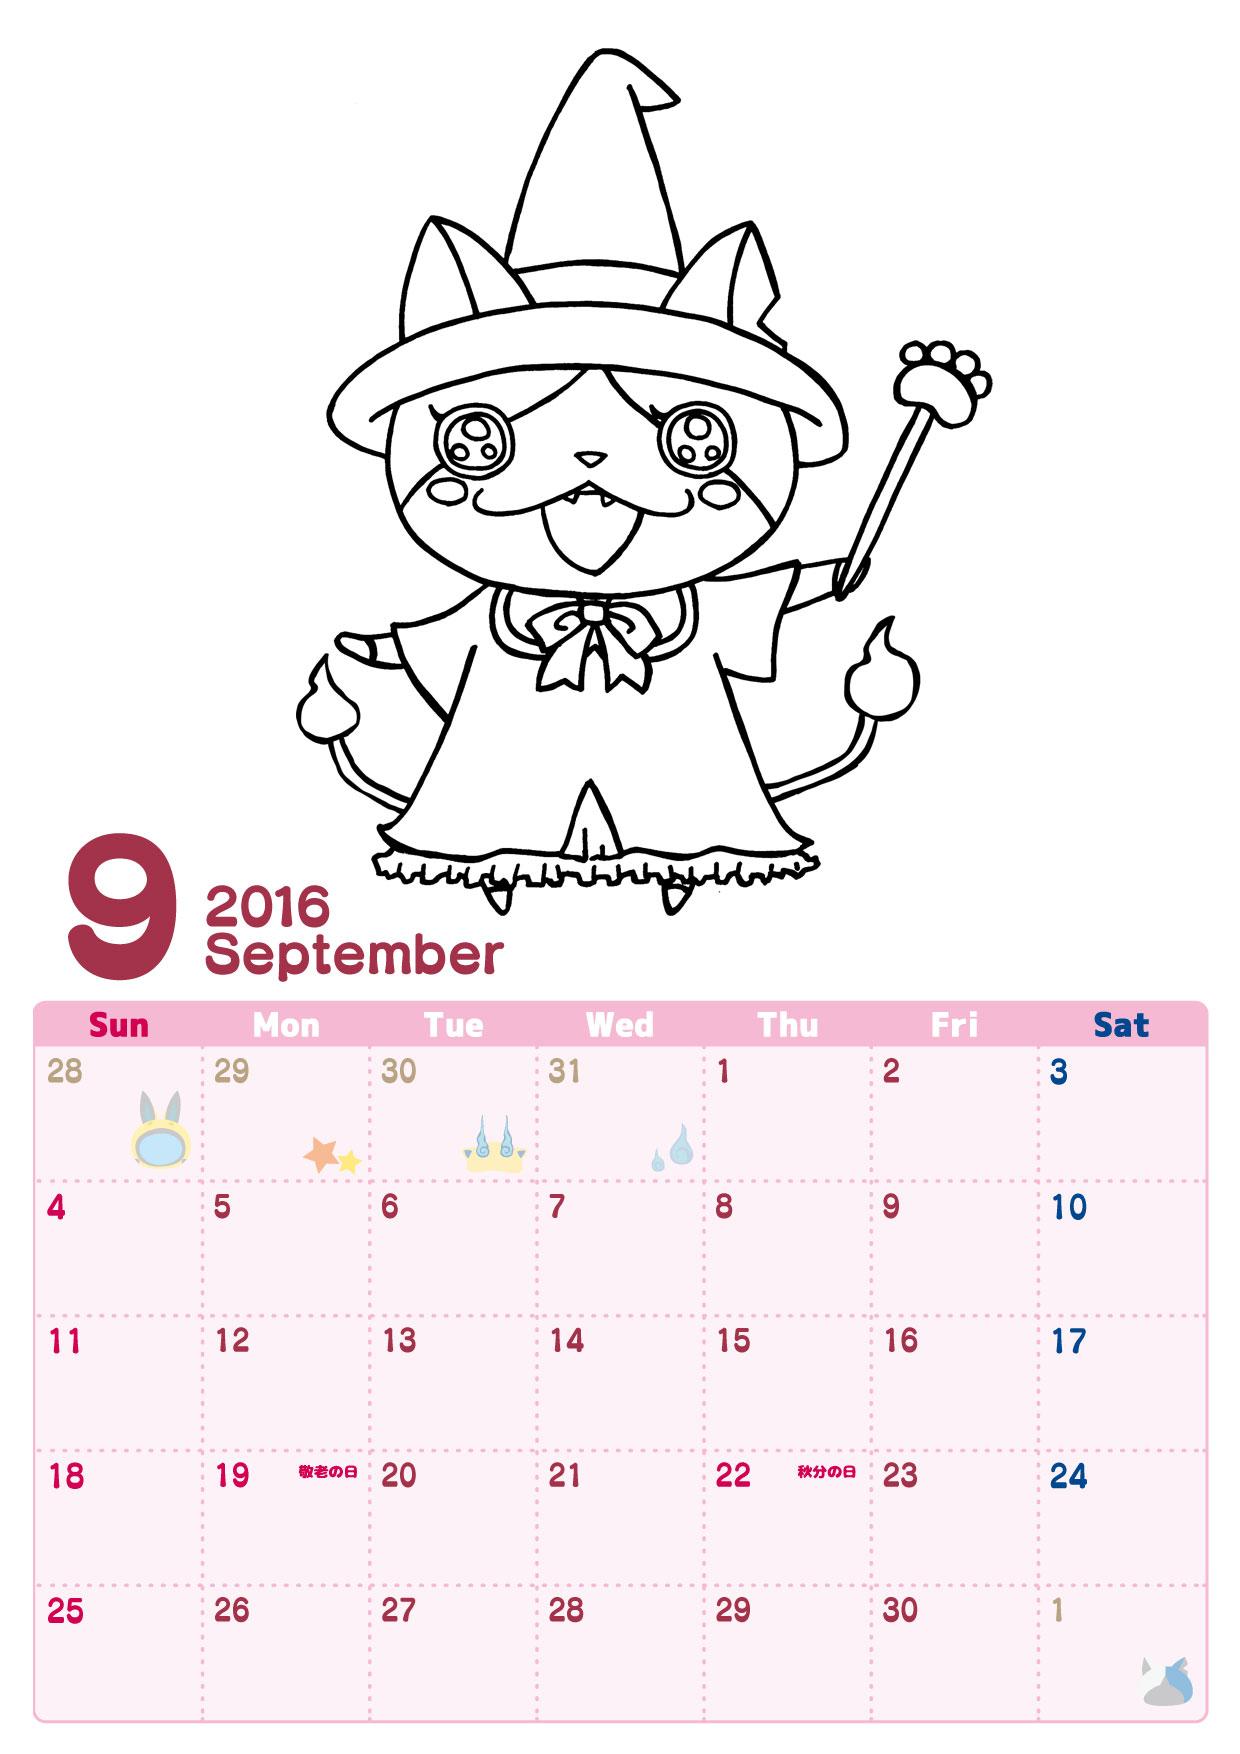 カレンダー 2015年カレンダー 無料 : ウォッチ2016ぬりえカレンダー ...